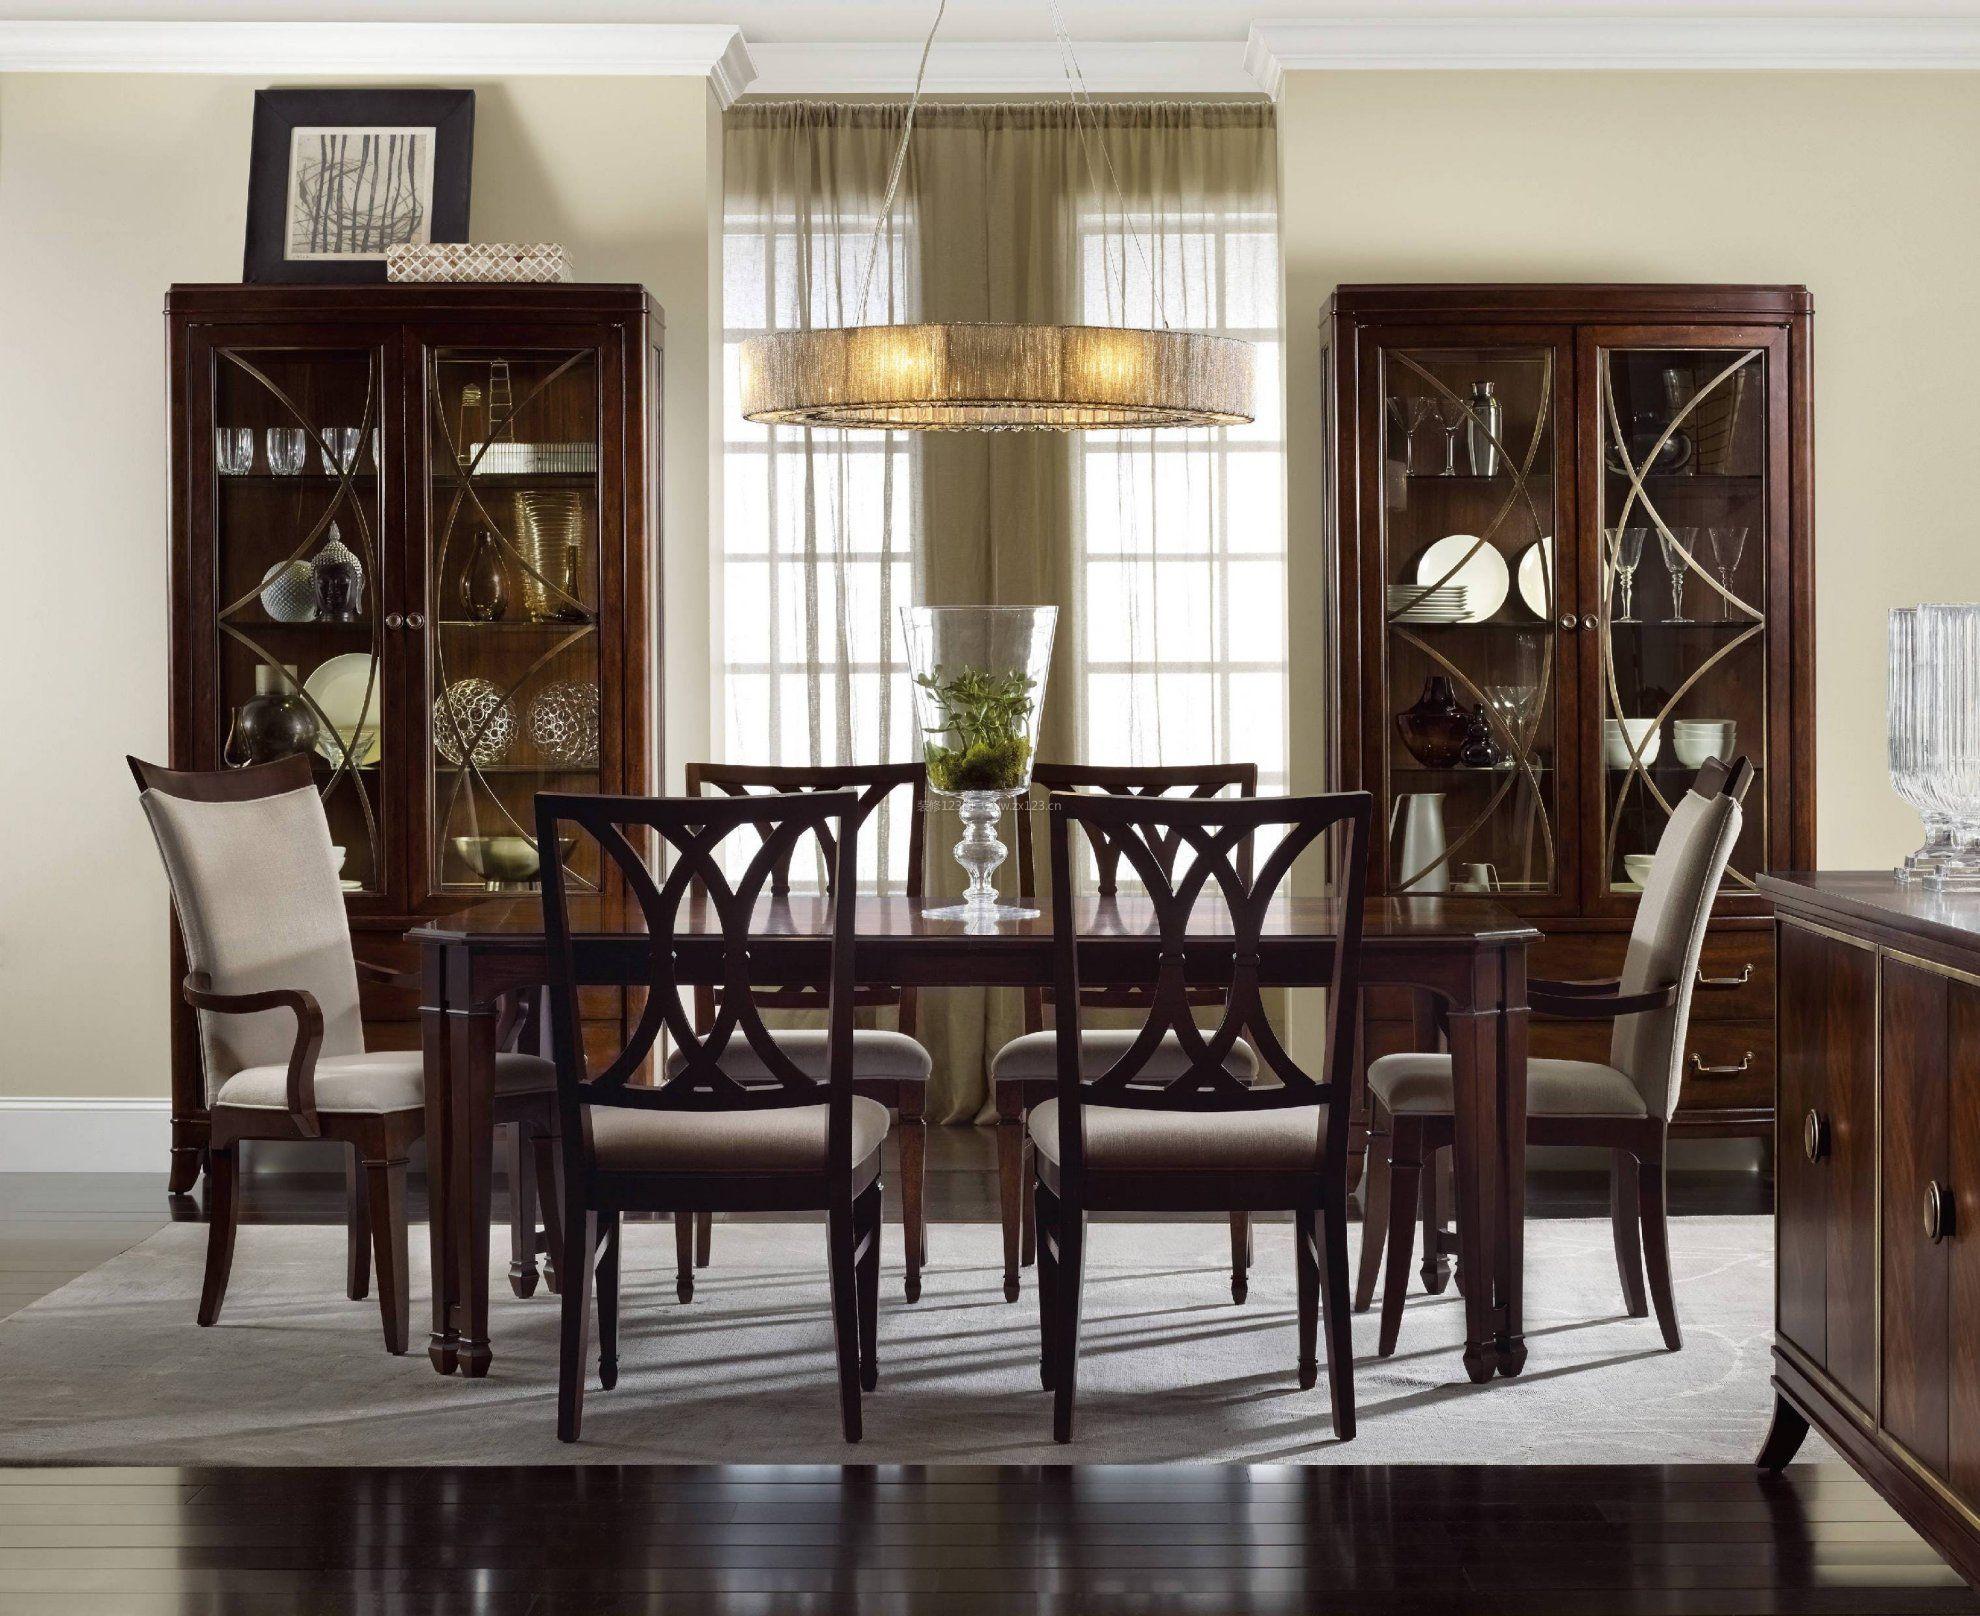 欧式餐厅装饰酒柜实木家具装修效果图片